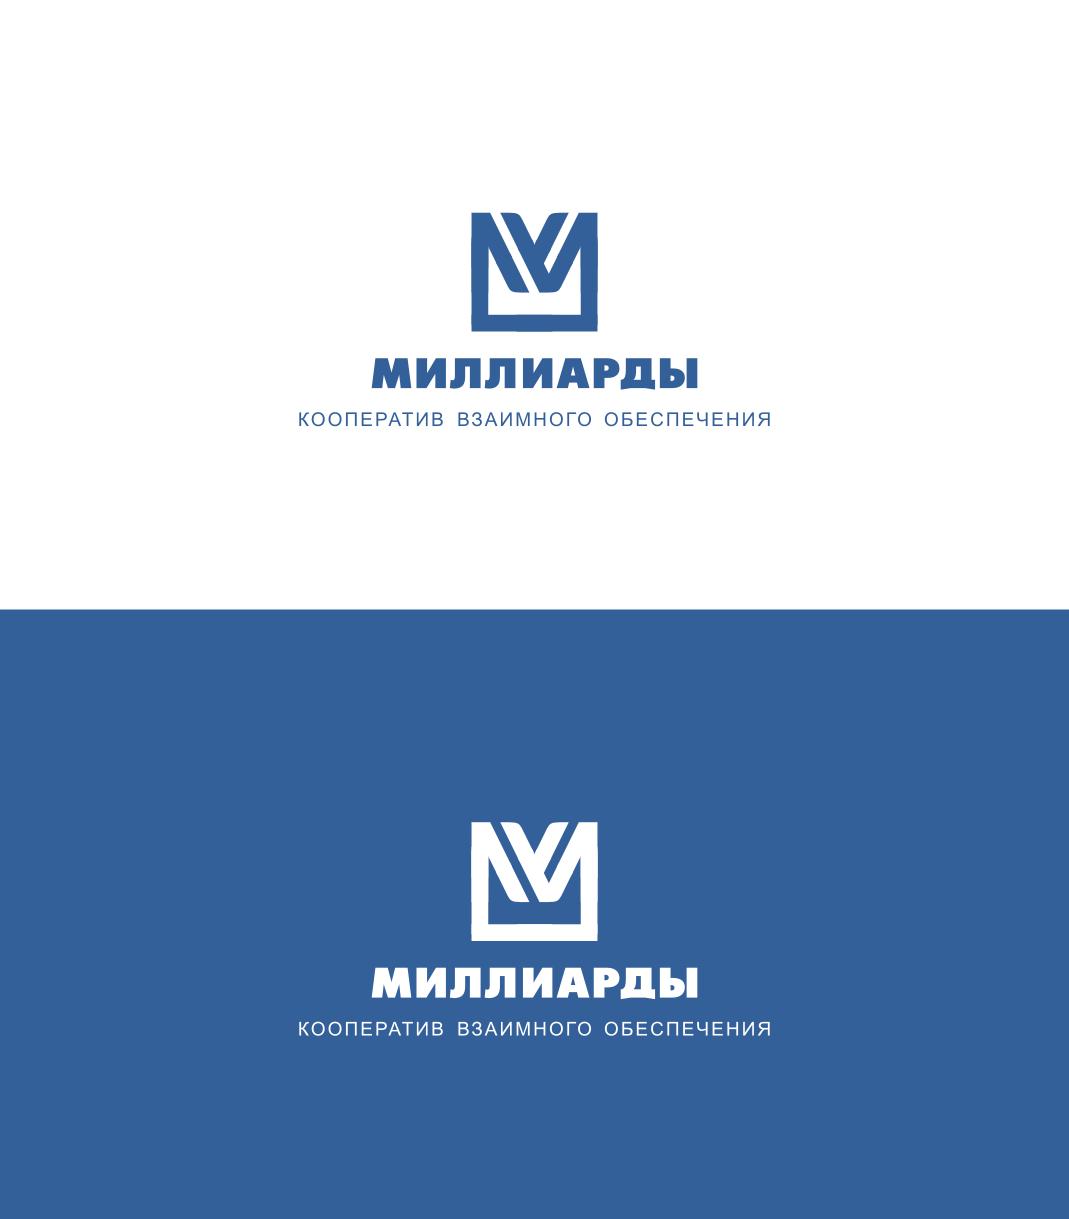 Создание логотипа фото f_0135e419a08aeeb0.png